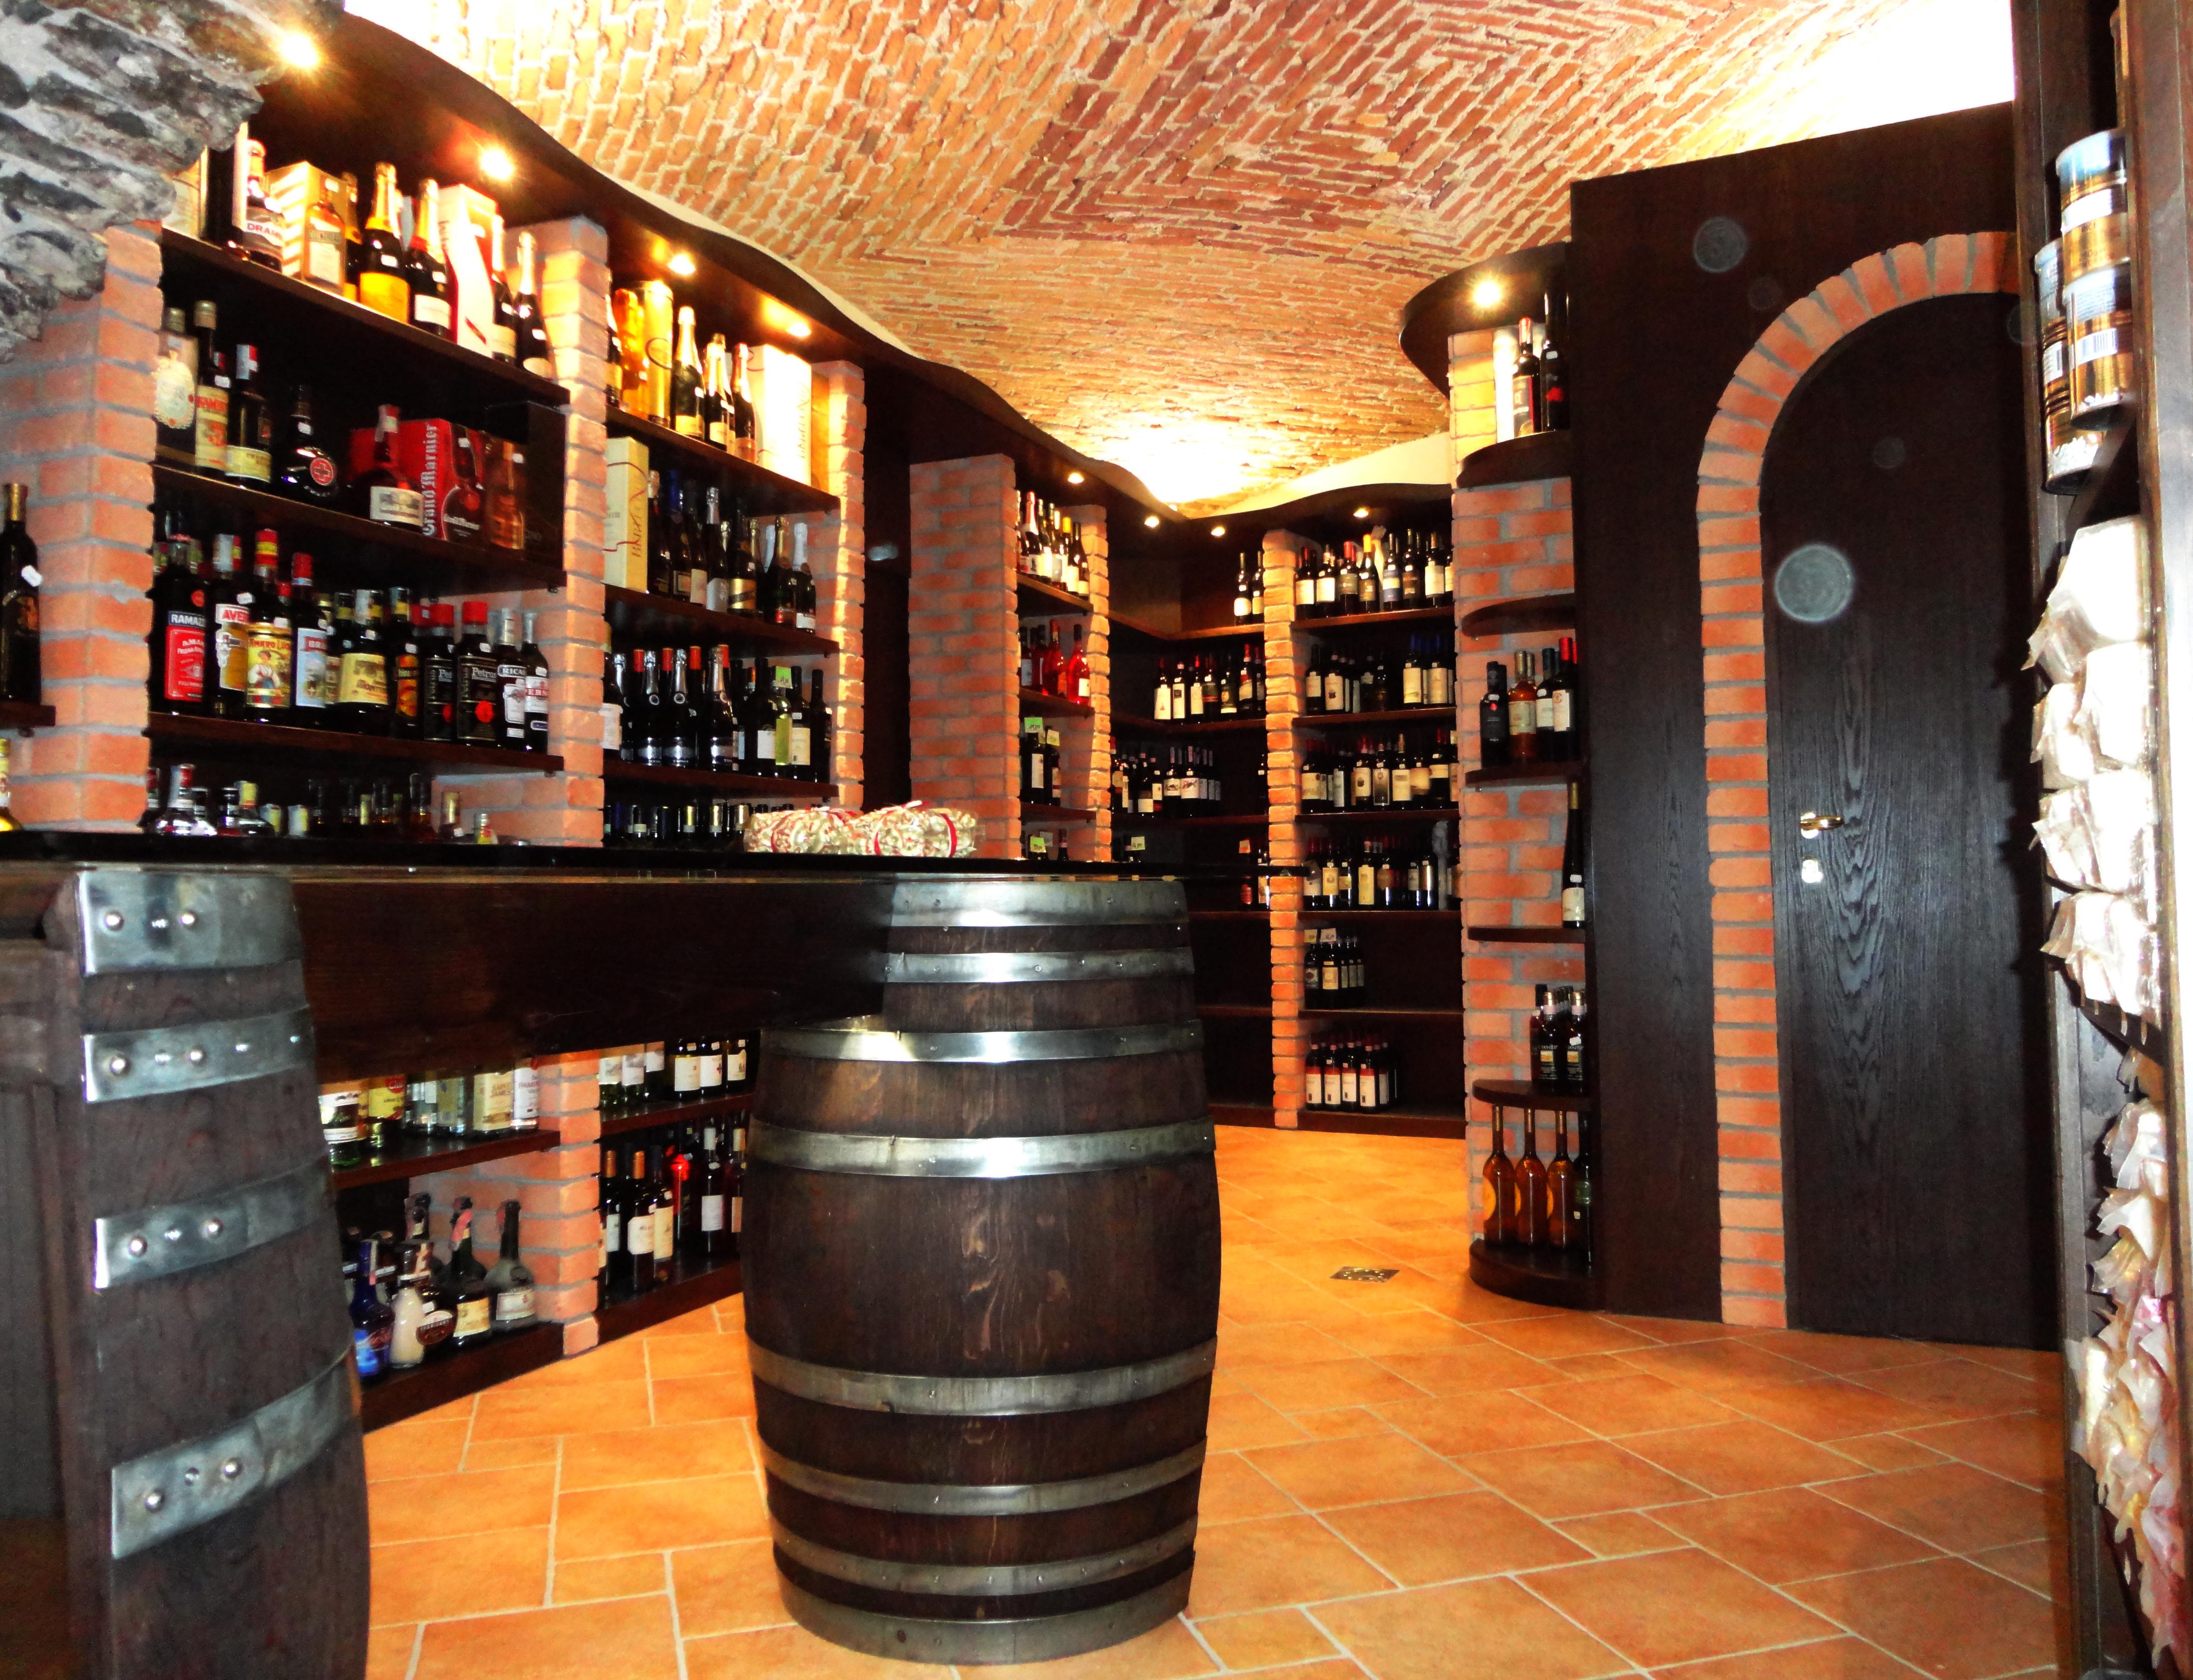 Costruzione arredamento enoteca progettazione e for Arredamento enoteca wine bar